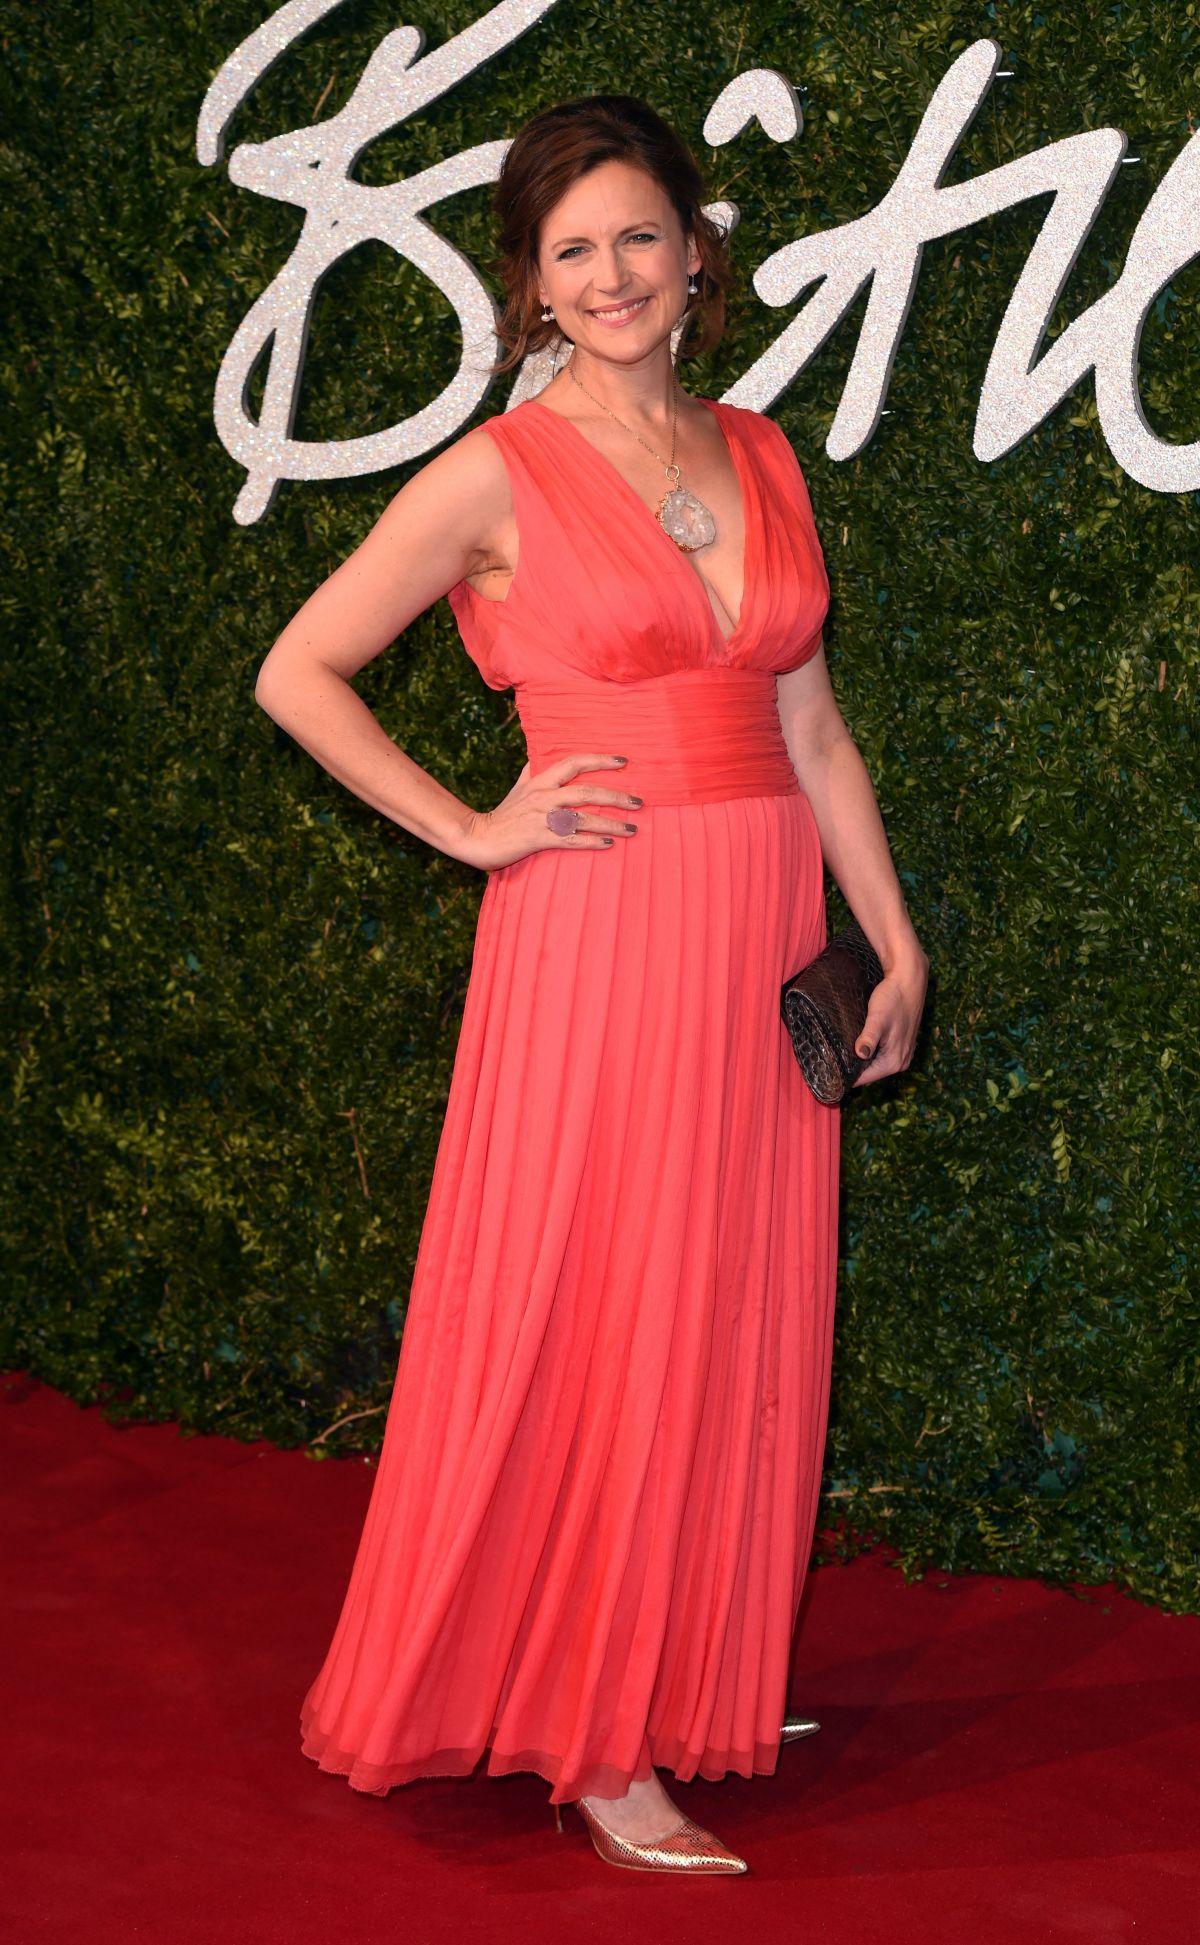 KATIE DERHAM at British Fashion Awards 2014 in London